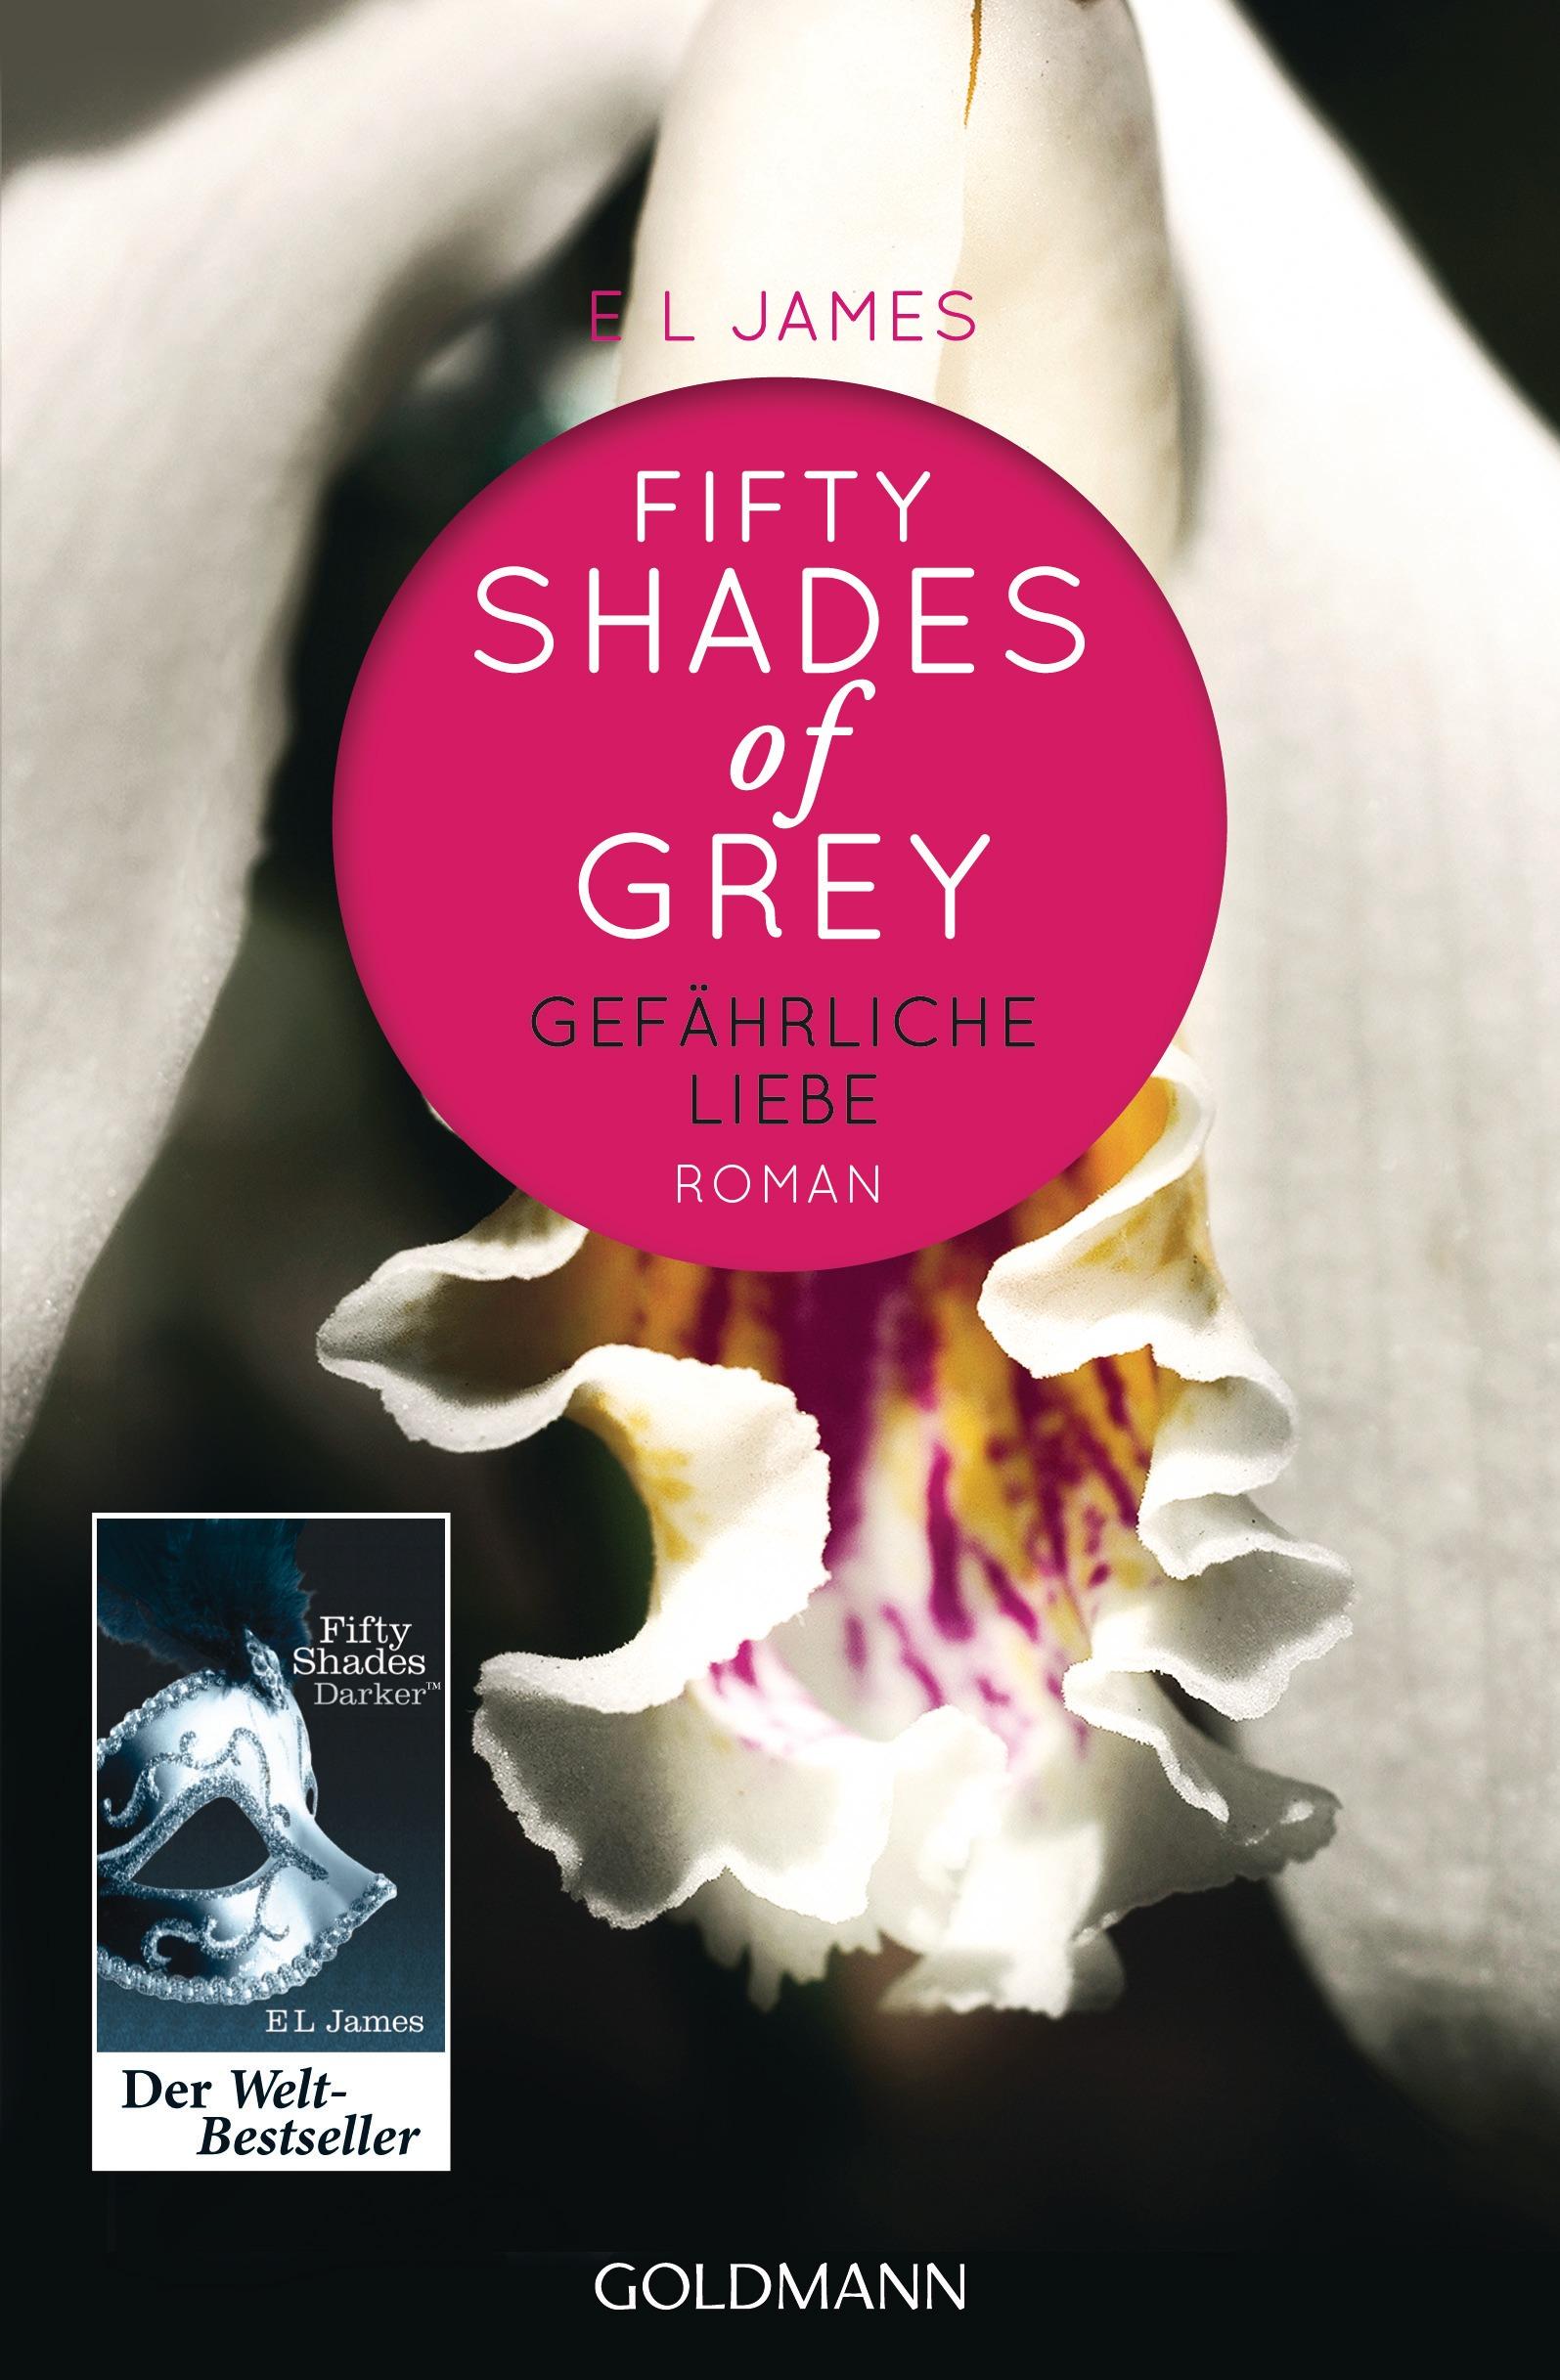 3 50 shades teil of grey Fifty Shades